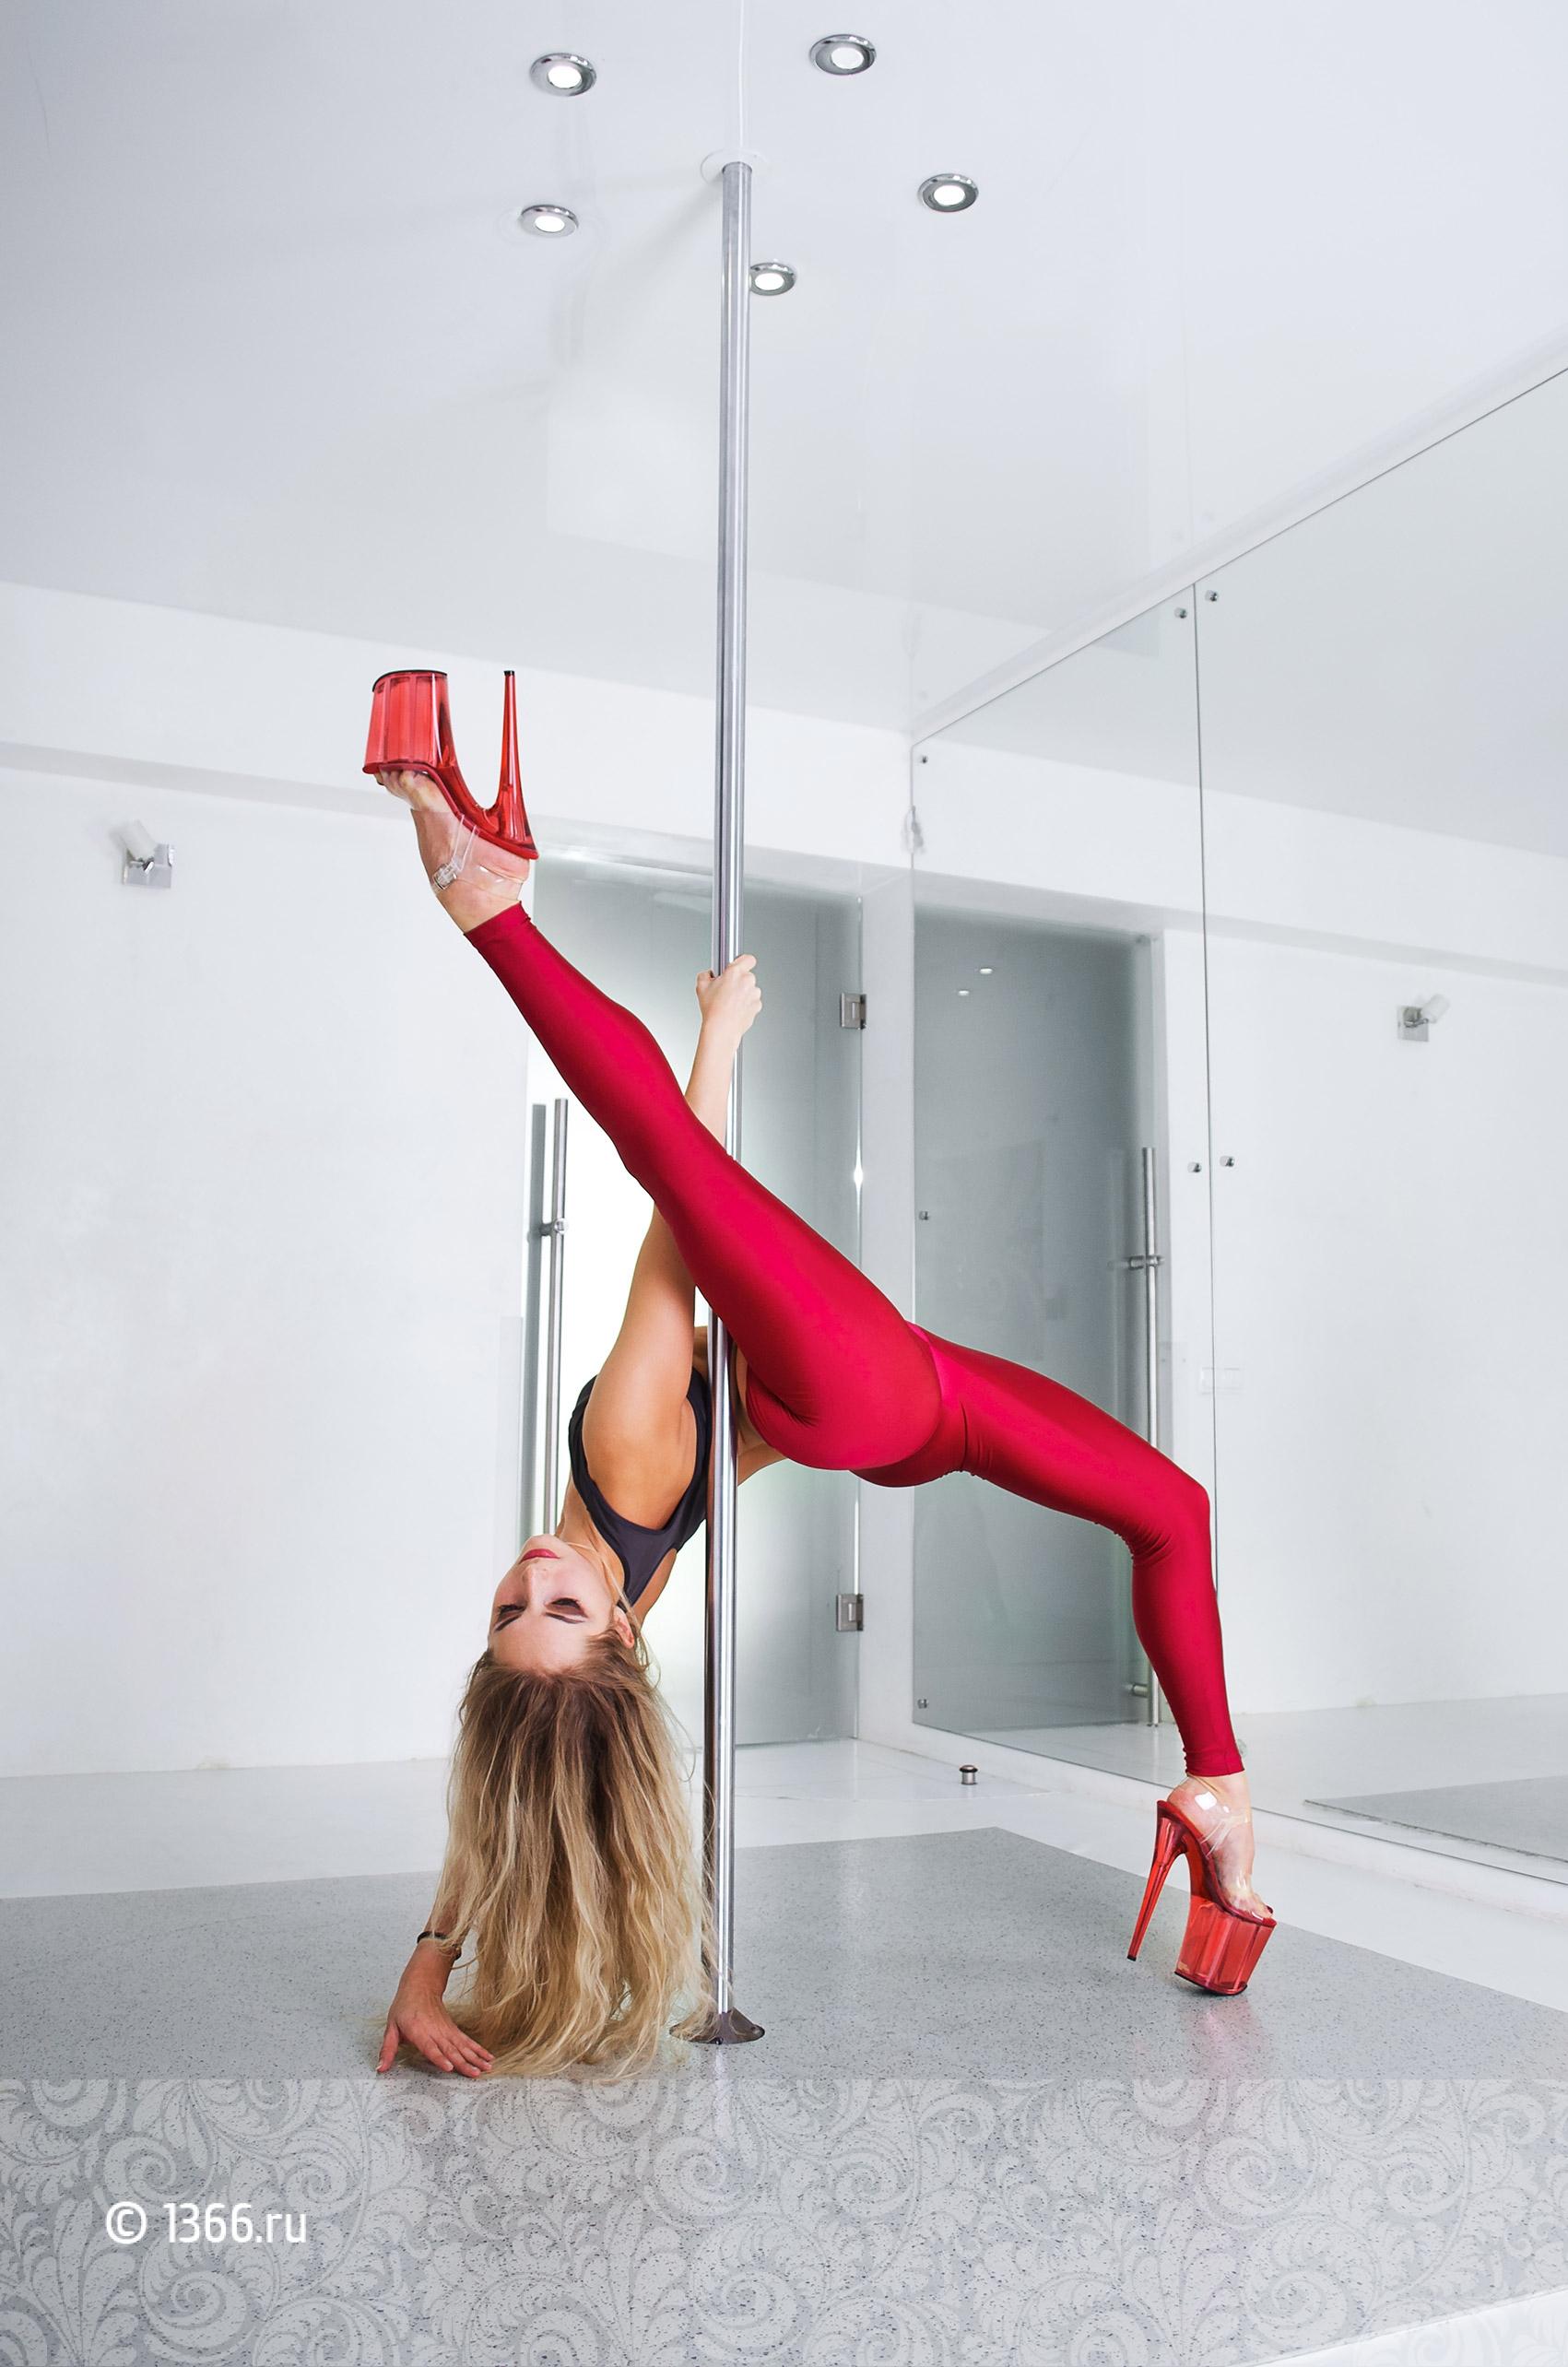 обучение pole dance в москве